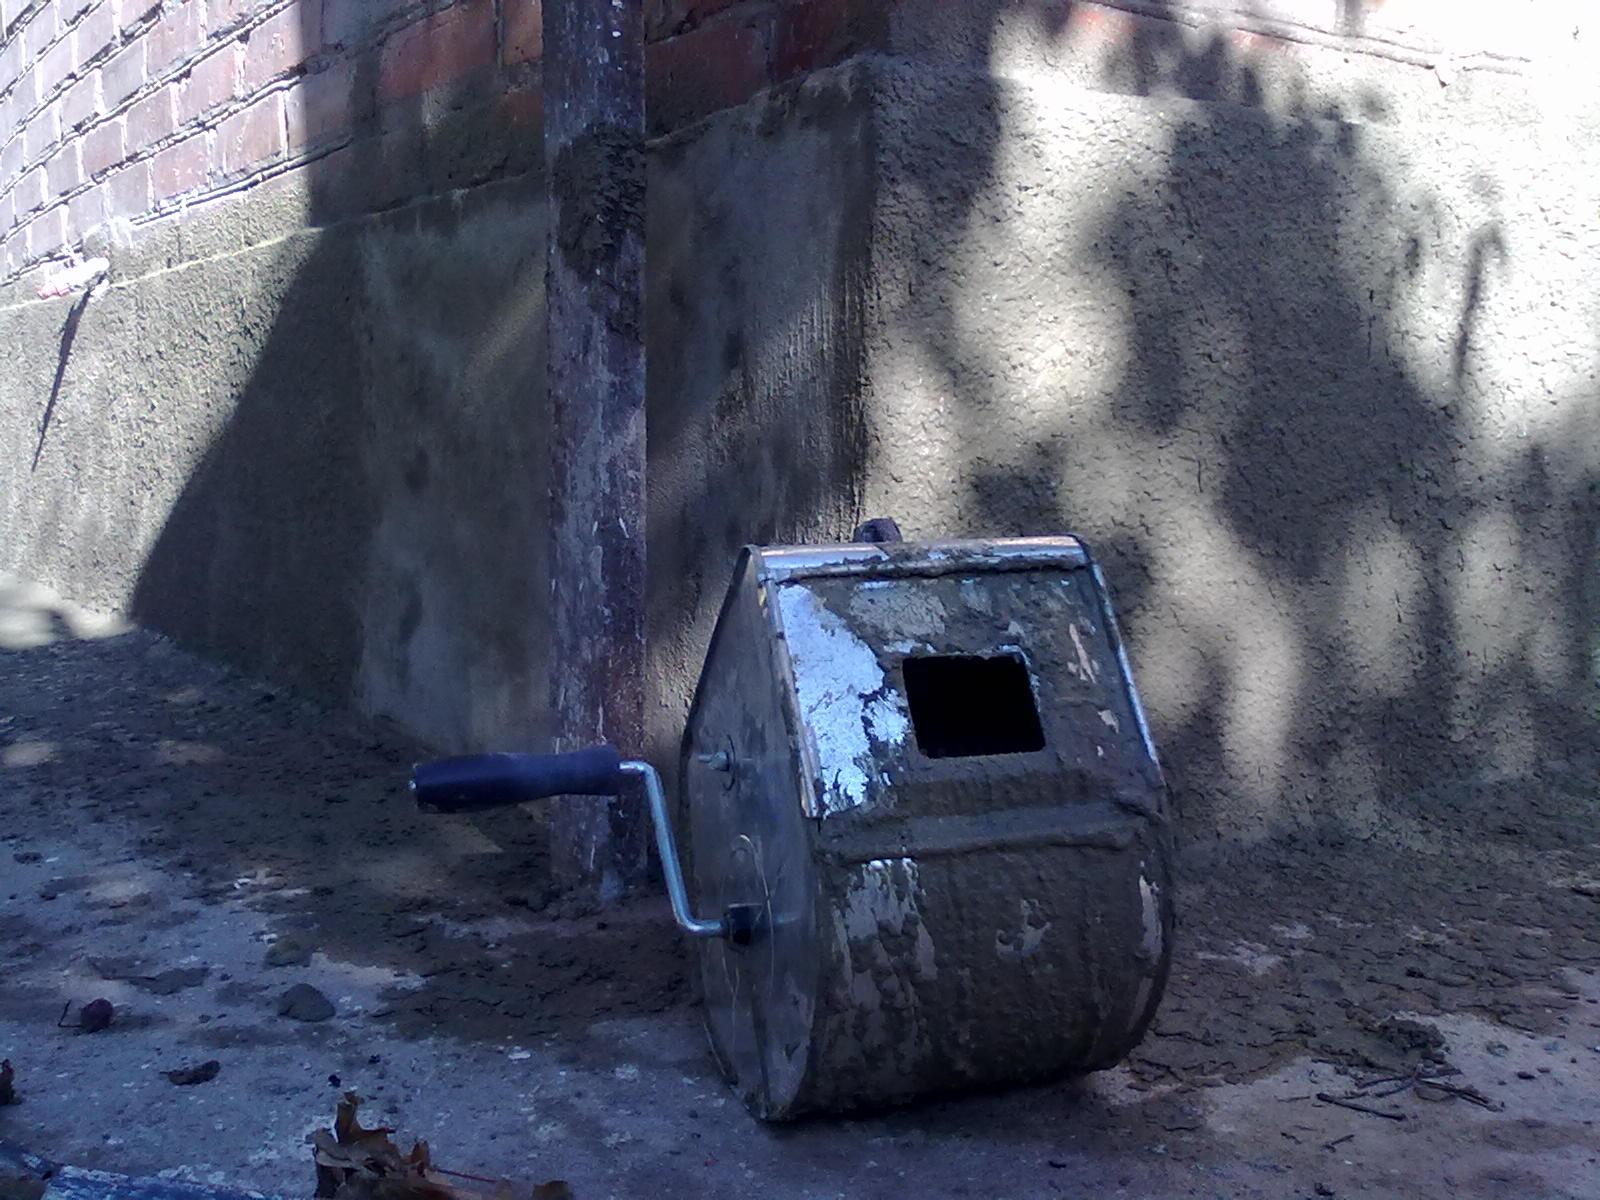 машинка старого образца для штукатурки стен